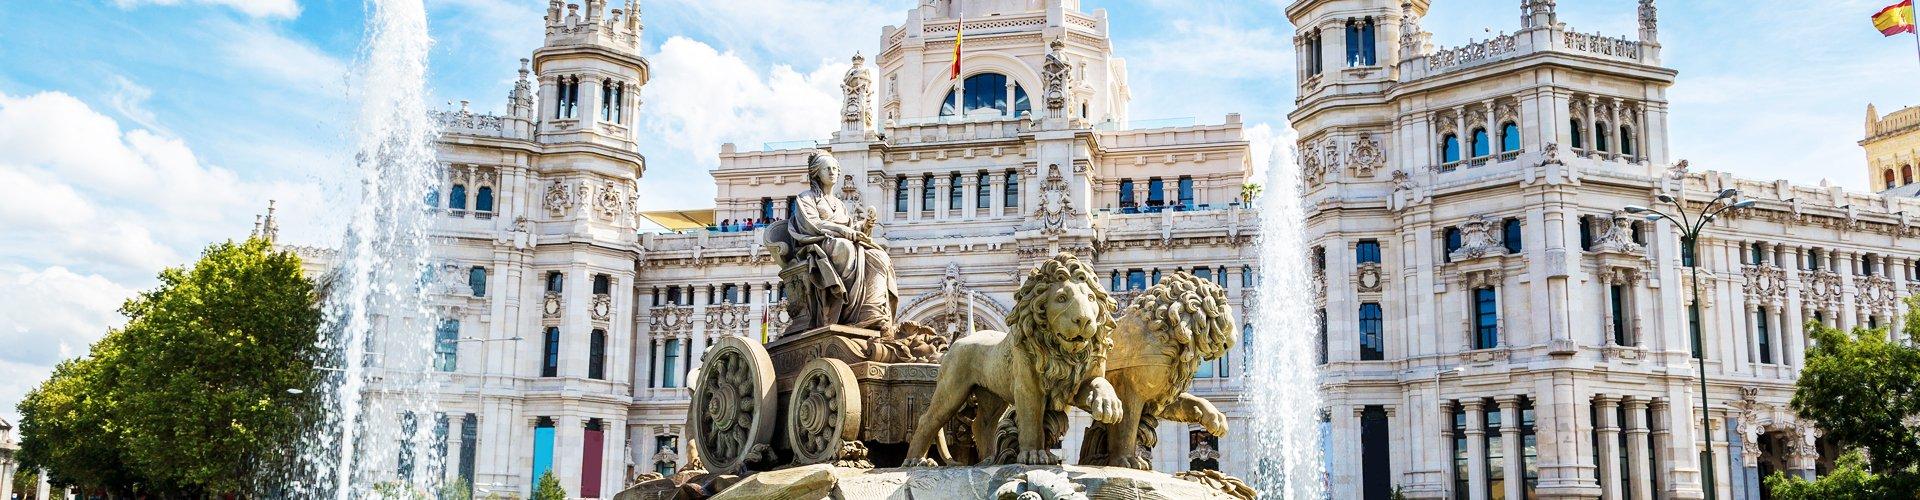 Madrid en Castilië, Spanje